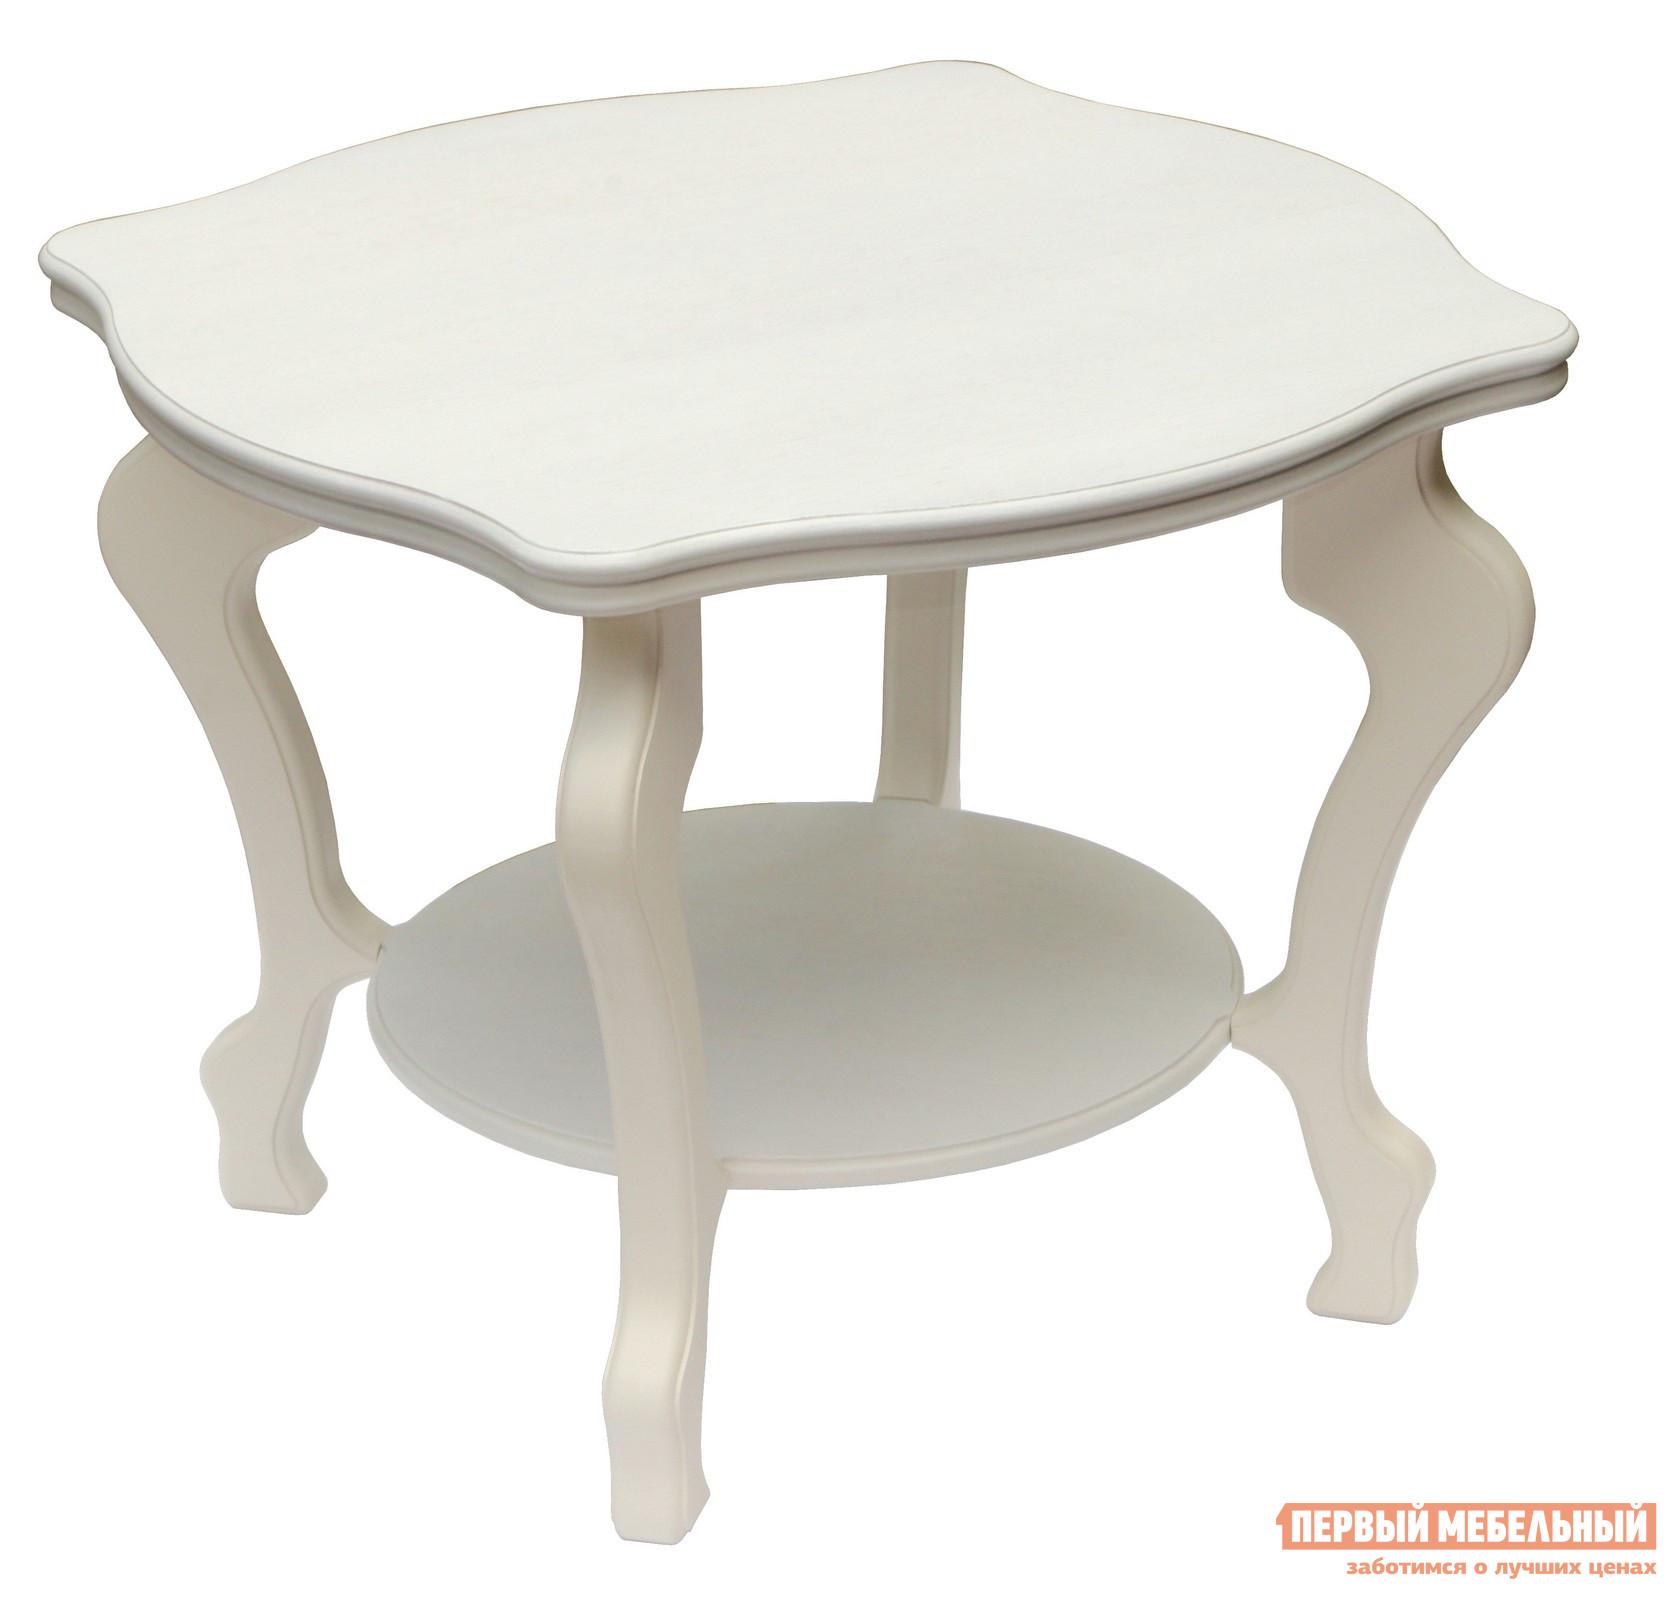 Журнальный столик Мебелик Берже-2 Белый ясеньЖурнальные столики<br>Габаритные размеры ВхШхГ 560x700x700 мм. Журнальный столик выполнен из МДФ и шпона ценных пород дерева, имеет опоры из натурального дерева.  Оригинальная форма и благородные оттенки дерева помогают данной модели всегда выглядеть красиво и дорого, не утрачивая своей актуальности. Ножки стола выполнены из массива бука, столешница покрыта шпоном дуба.<br><br>Цвет: Белый ясень<br>Цвет: Белый<br>Цвет: Светлое дерево<br>Высота мм: 560<br>Ширина мм: 700<br>Глубина мм: 700<br>Кол-во упаковок: 1<br>Форма поставки: В разобранном виде<br>Срок гарантии: 24 месяца<br>Тип: Чайные<br>Назначение: Для гостиной<br>Материал: из МДФ, из шпона, из массива дерева<br>Порода дерева: из бука, из дуба<br>Форма: Овальные<br>Размер: Маленькие<br>Высота: Высокие<br>Особенности: С полкой<br>Стиль: Классический